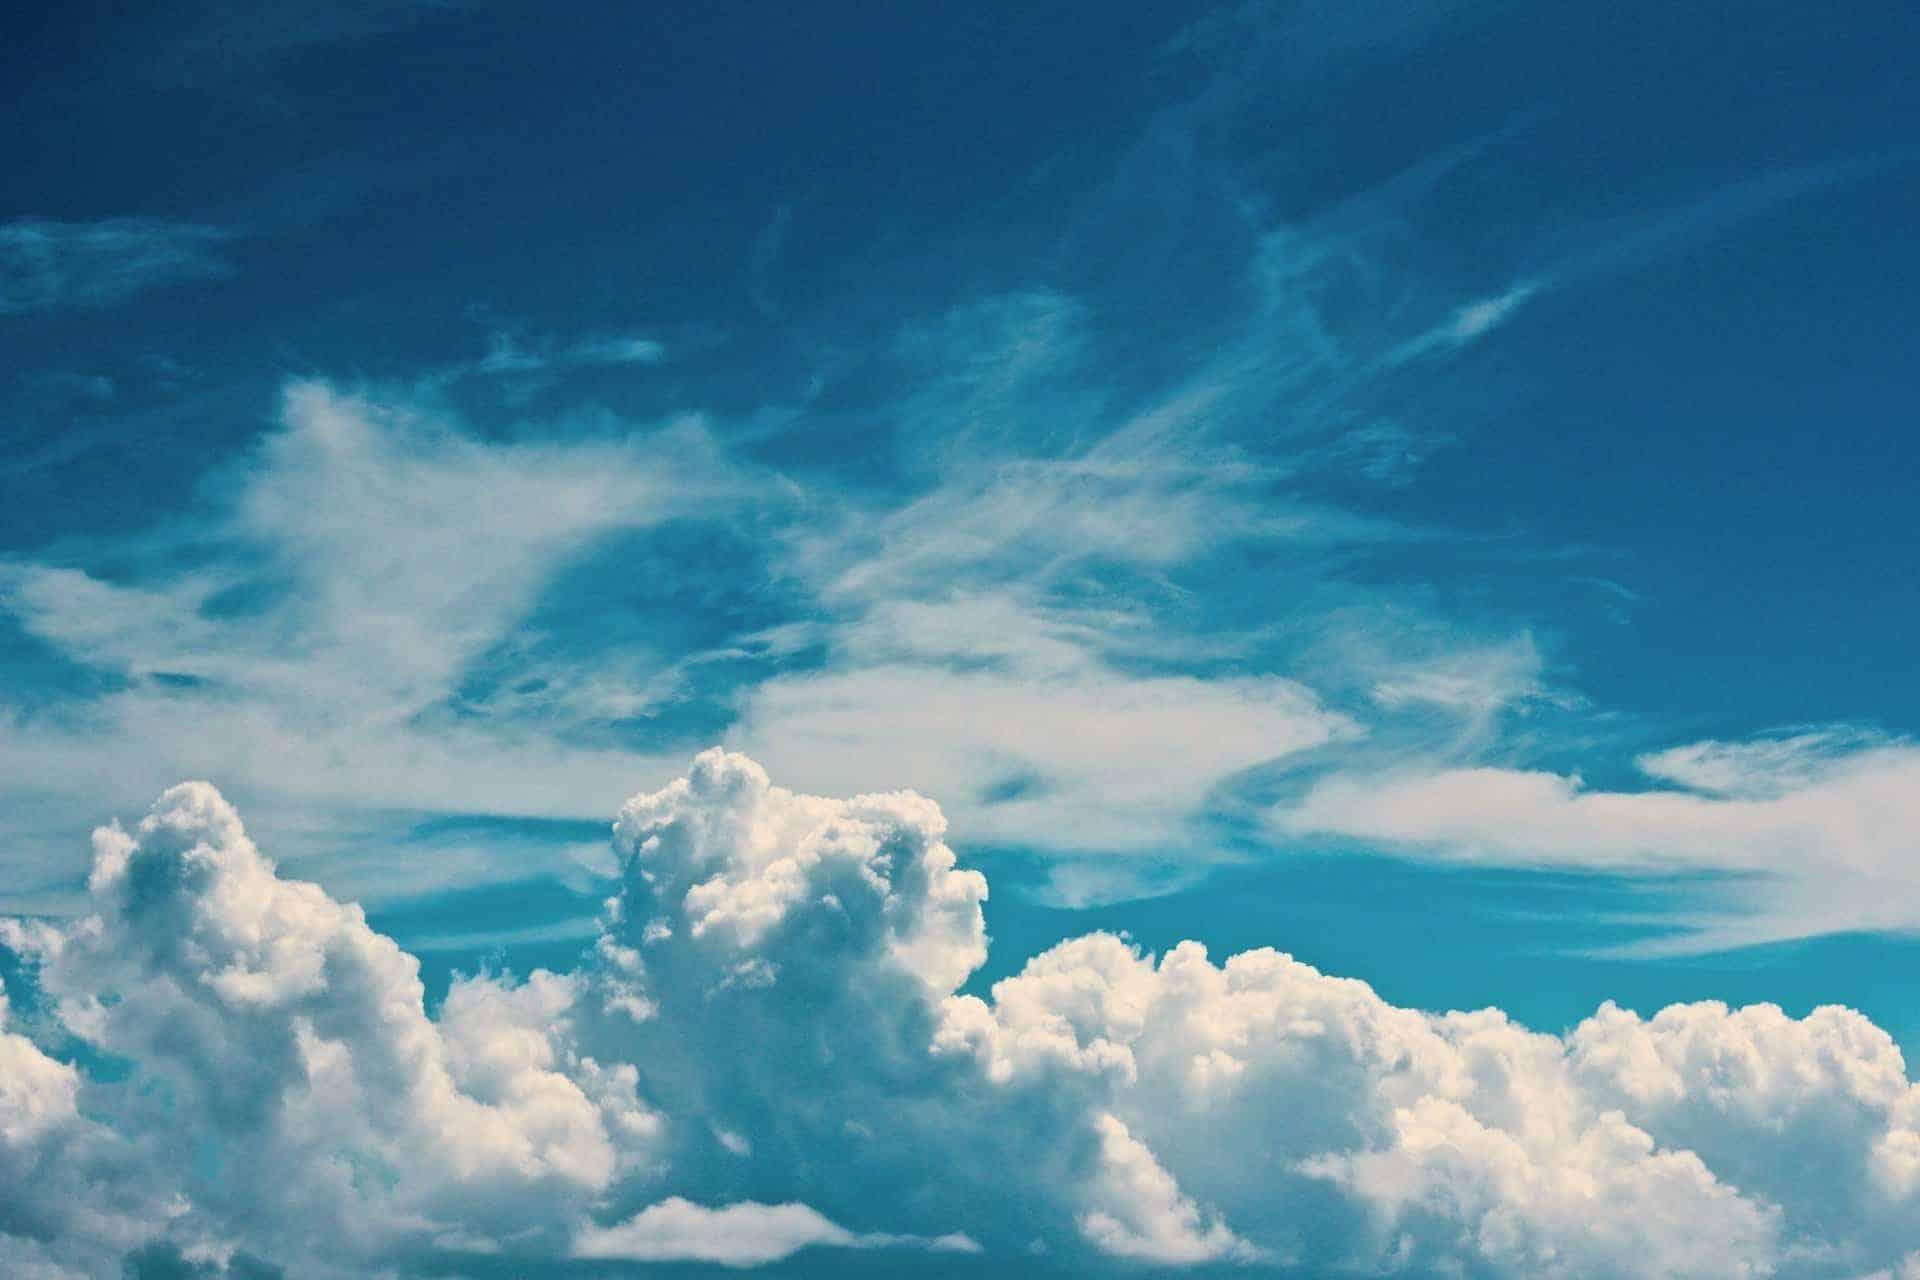 Un ranking reciente reveló cuáles son las ciudades del mundo que tienen el cielo más azul